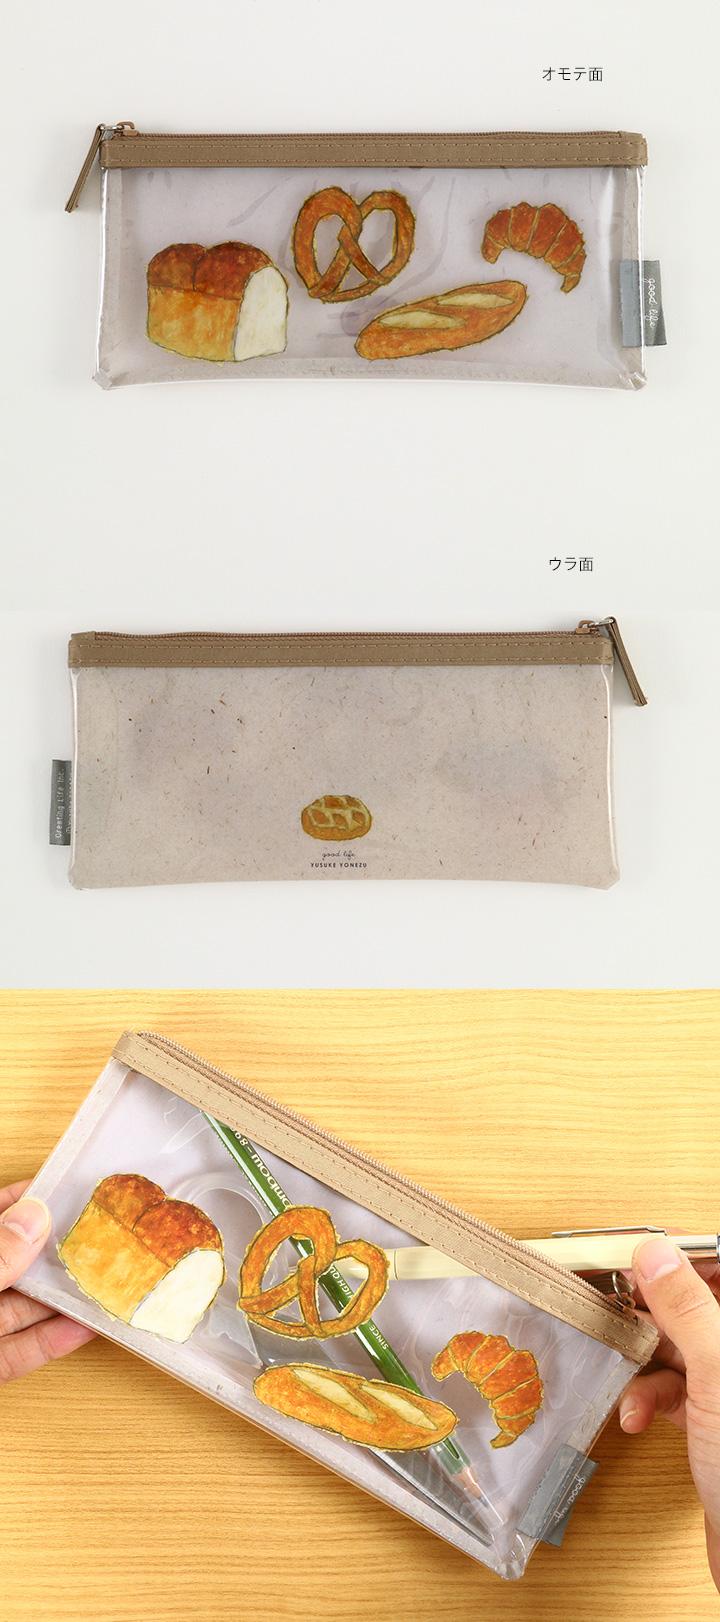 米津祐介クリアペンケース パン詳細画像